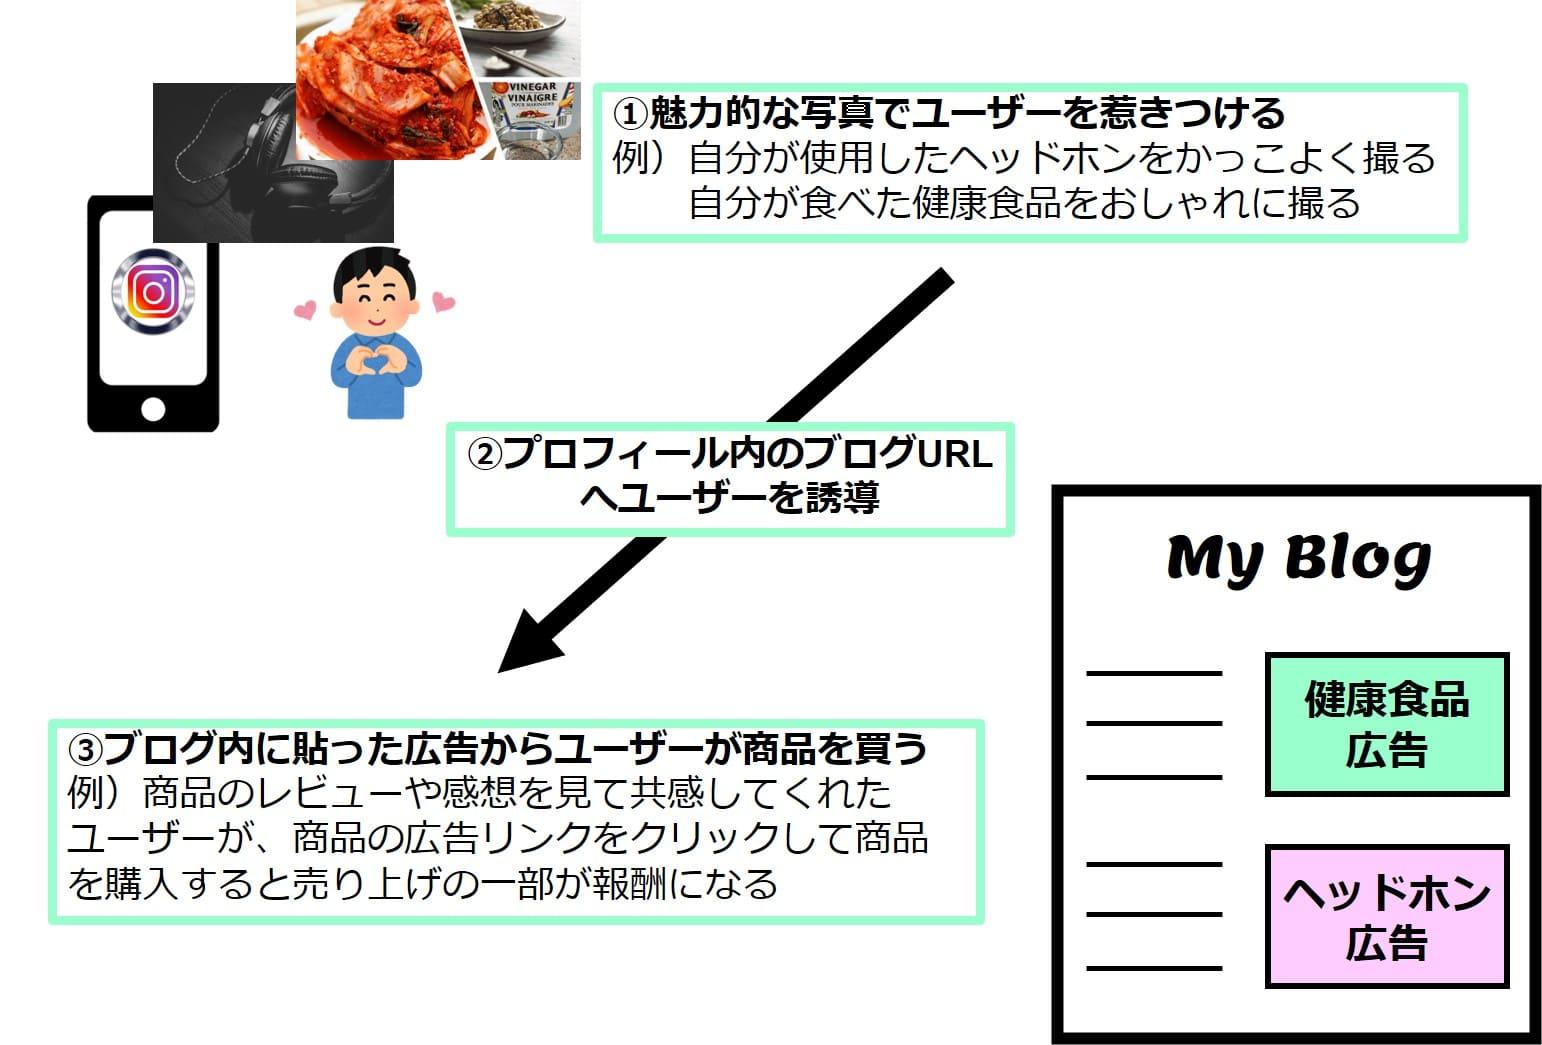 ブログとインスタの連携説明画像